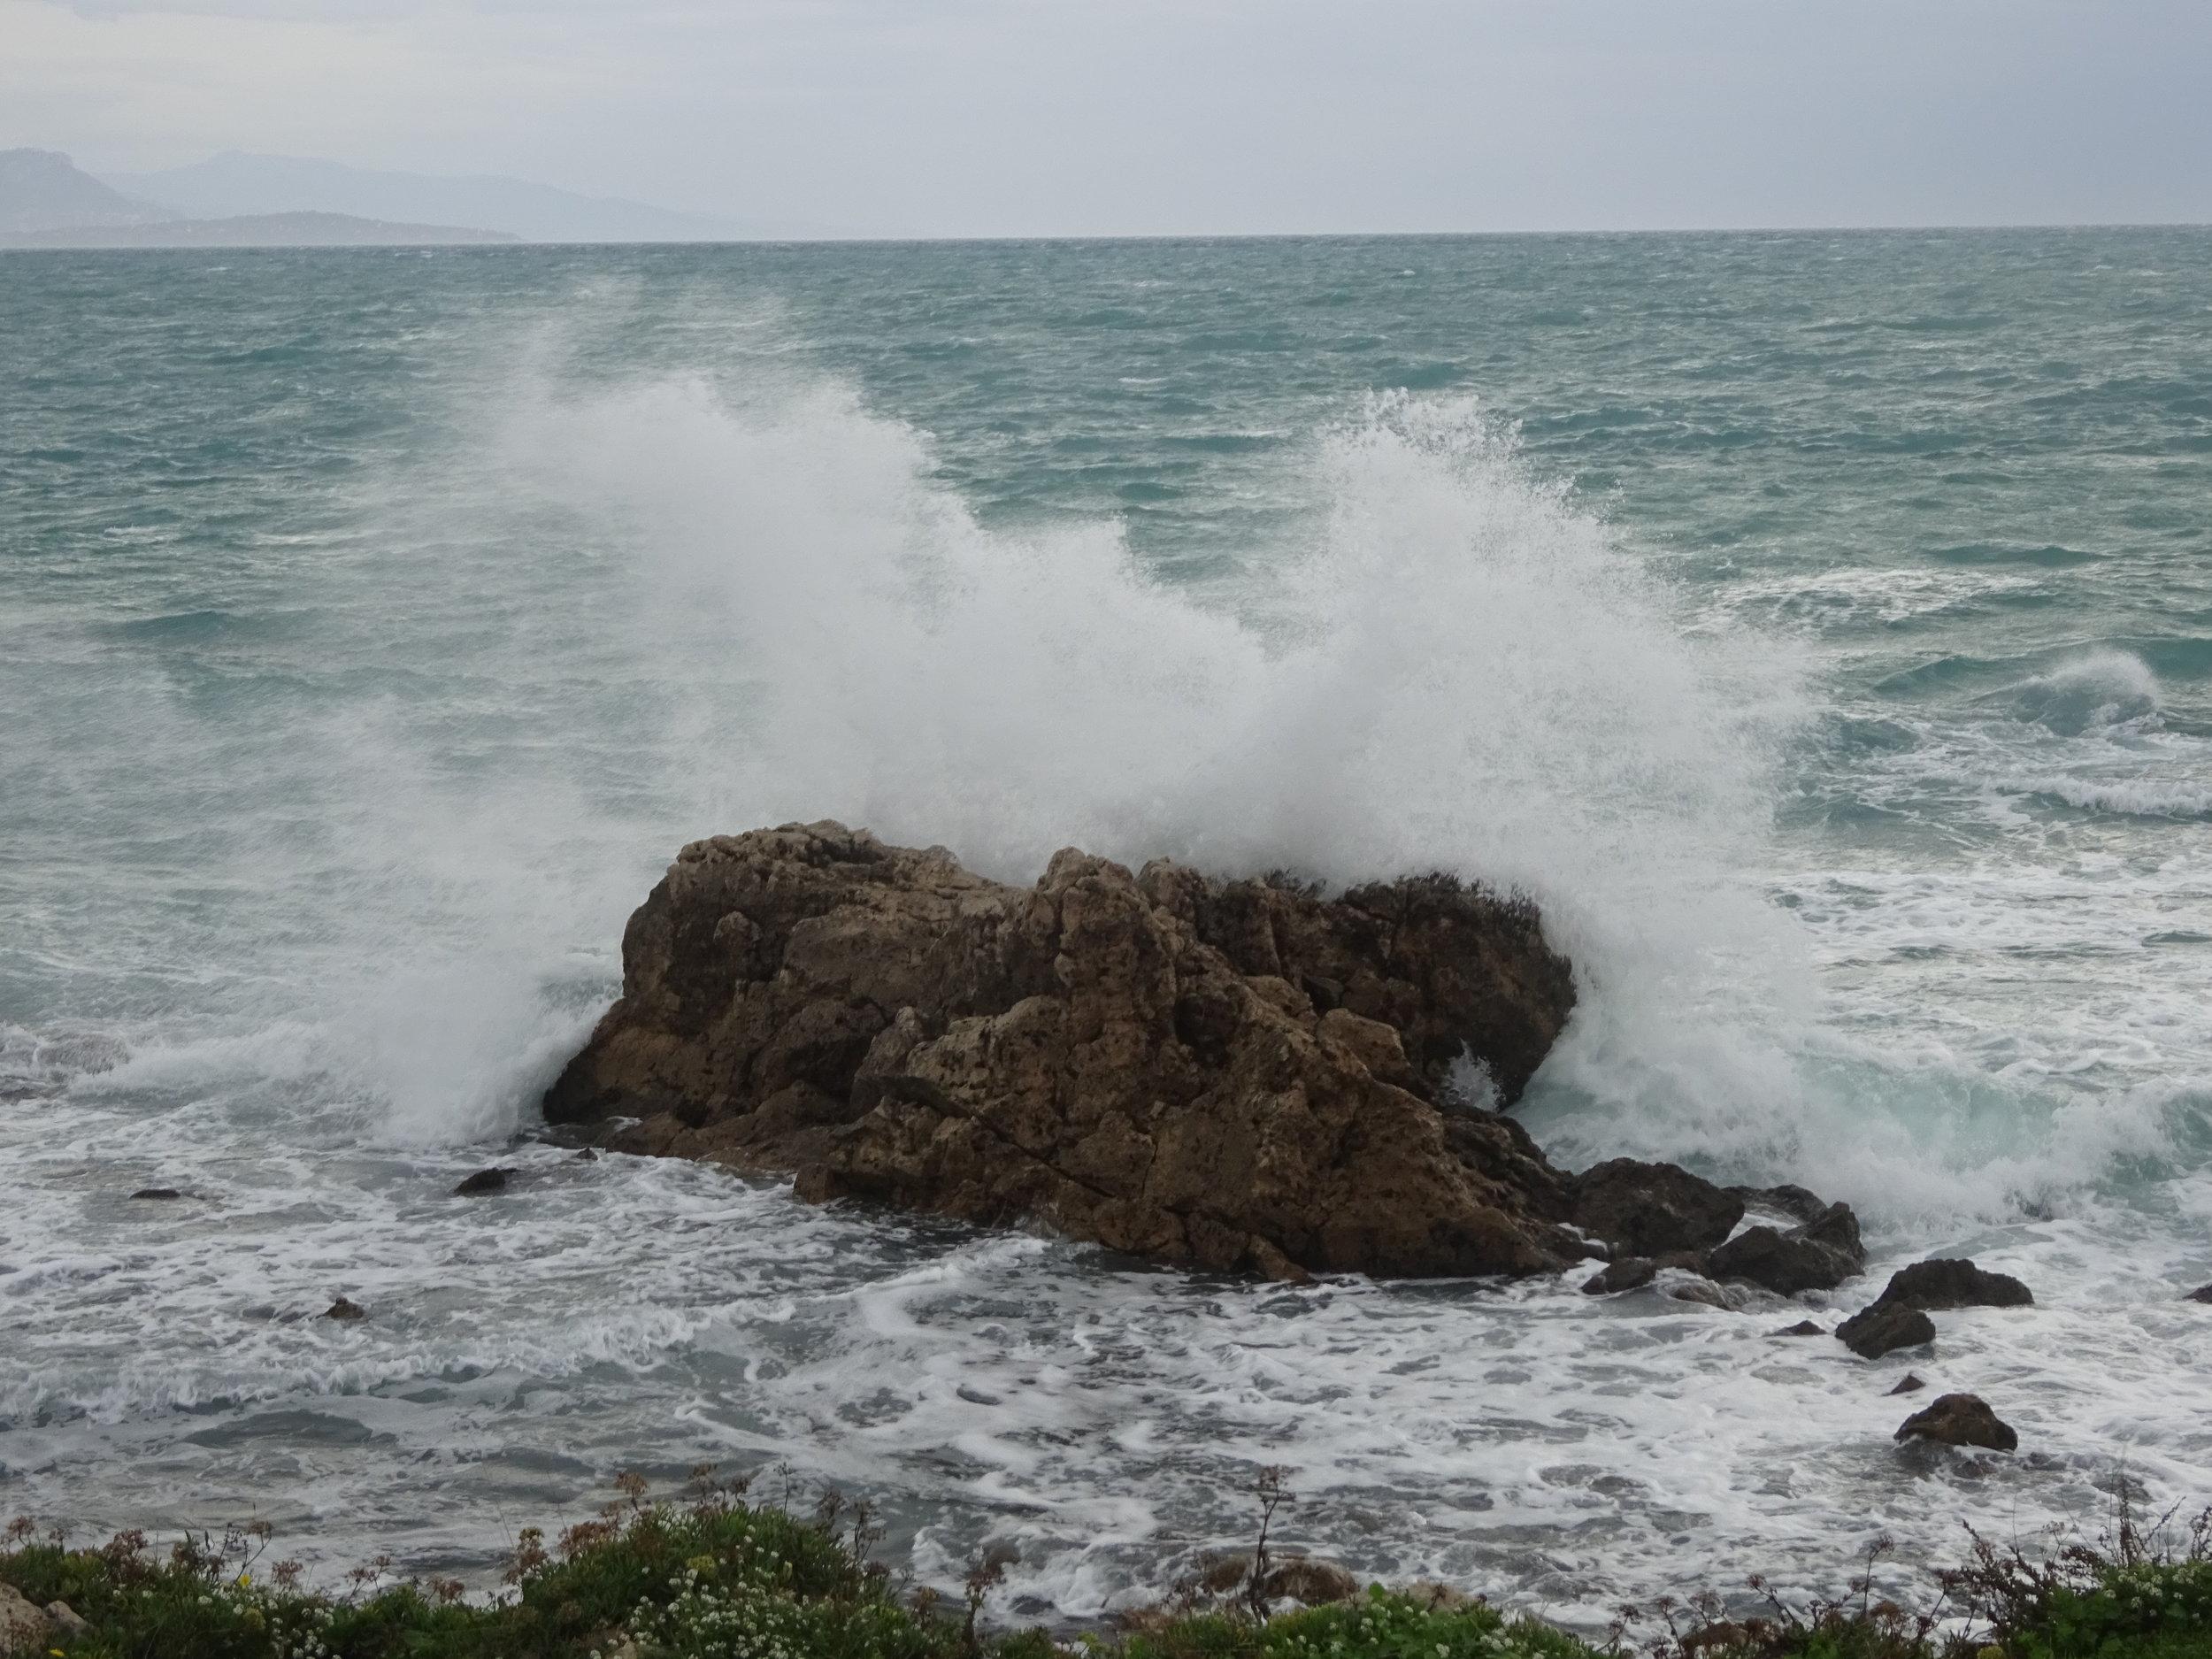 - Soit toujours comme la mer, qui se brisant contre les rochers, trouve toujours la force de recommencer. ( Jim Morrison)